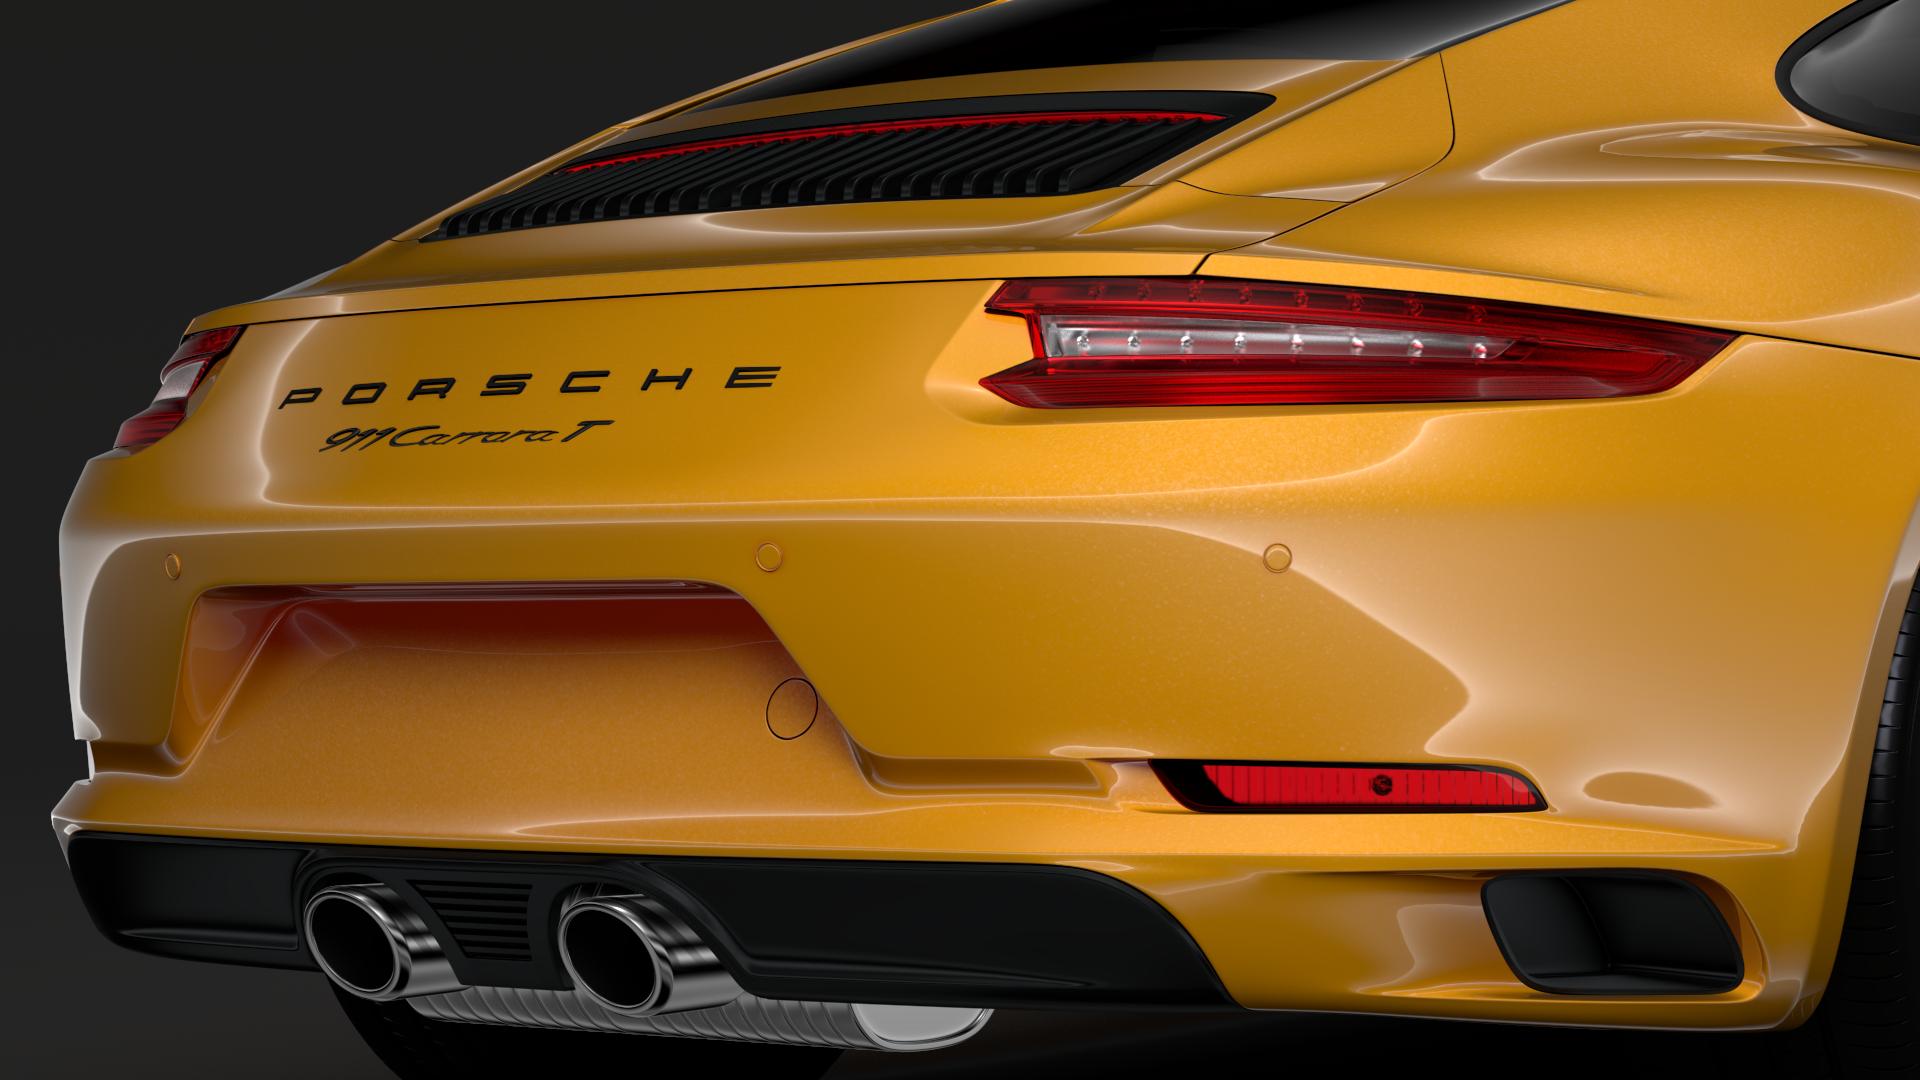 porsche 911 carrera t coupe (991) 2018 3d model max fbx c4d lwo ma mb hrc xsi obj 278968